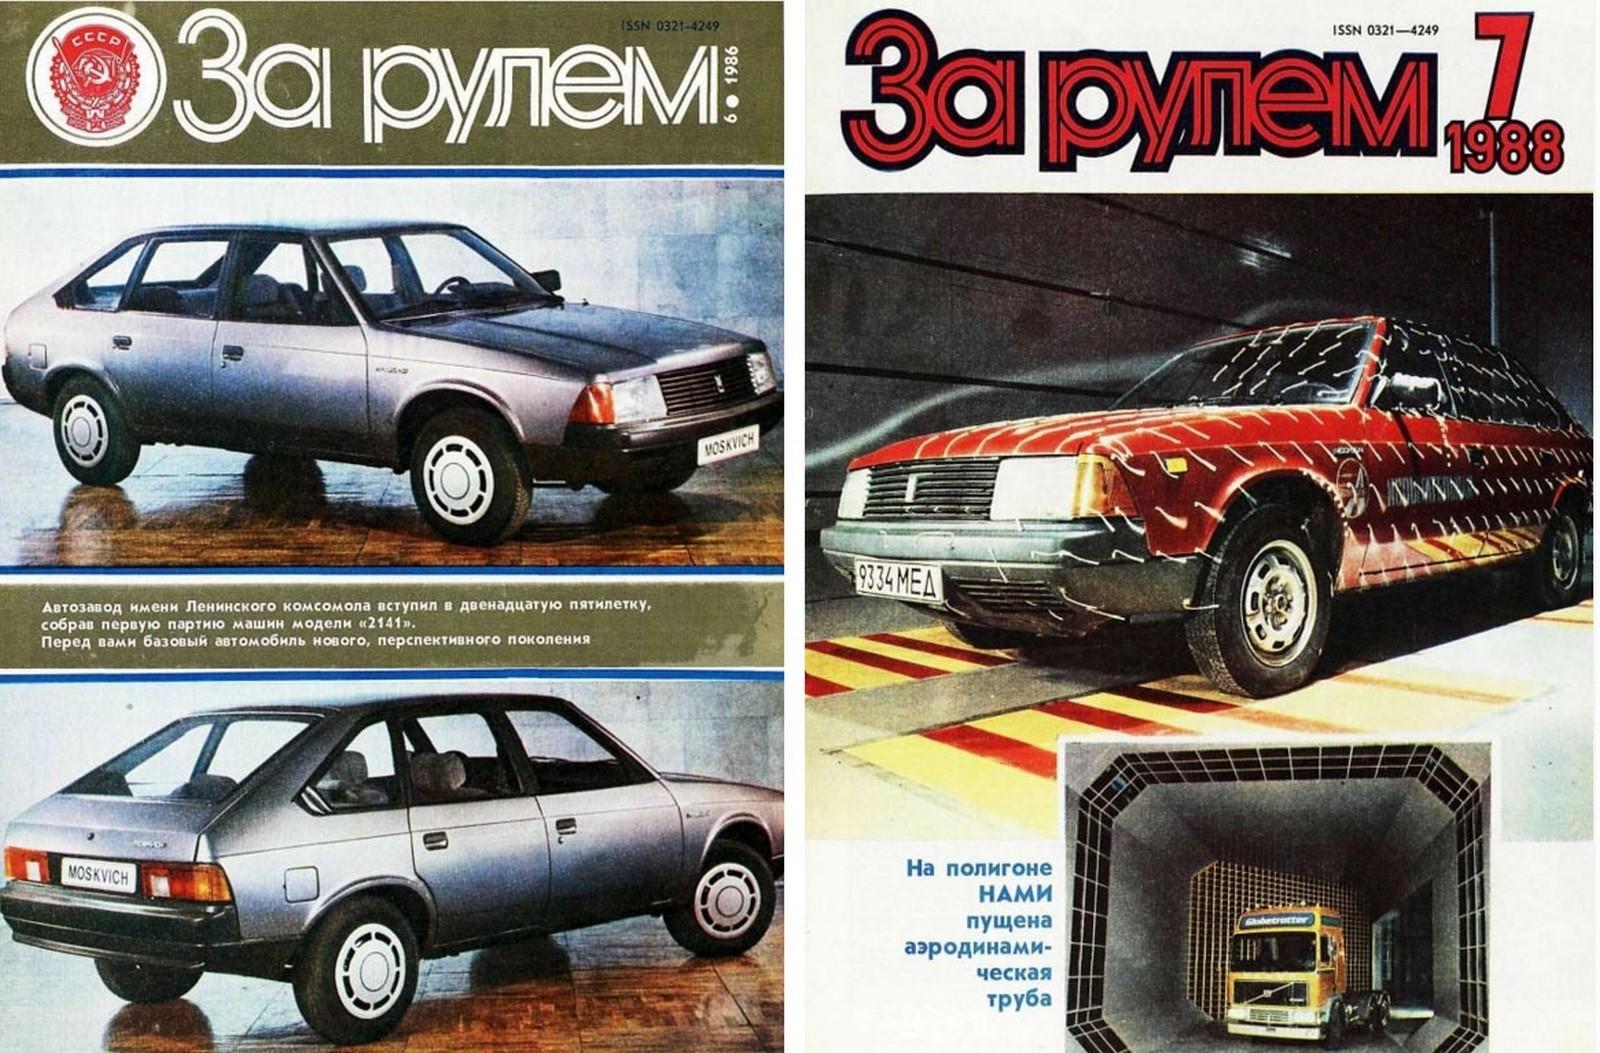 Новый Москвич успел «засветиться» на обложке «За Рулем» еще в 1986 году, но массовое производство этого автомобиля началось позже